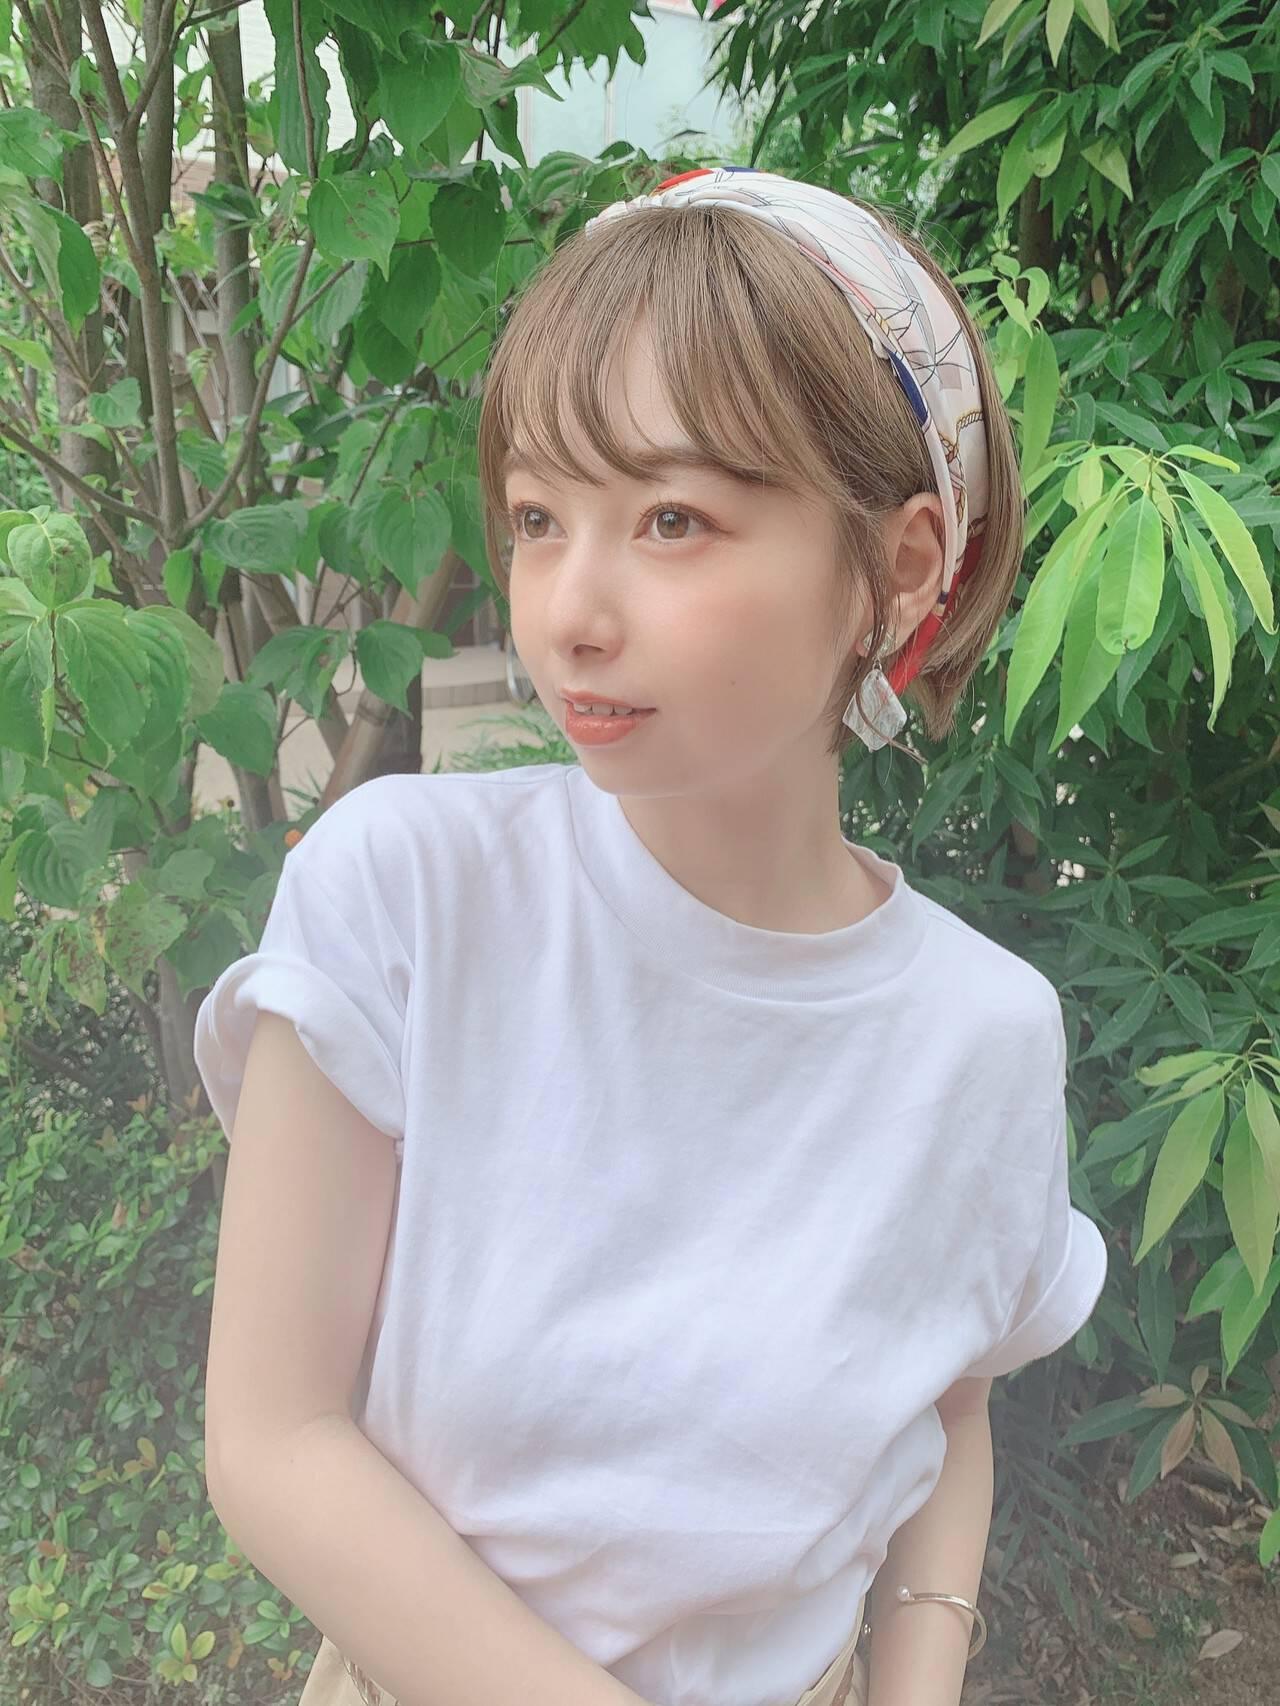 スカーフアレンジ ショート セルフヘアアレンジ 簡単ヘアアレンジヘアスタイルや髪型の写真・画像